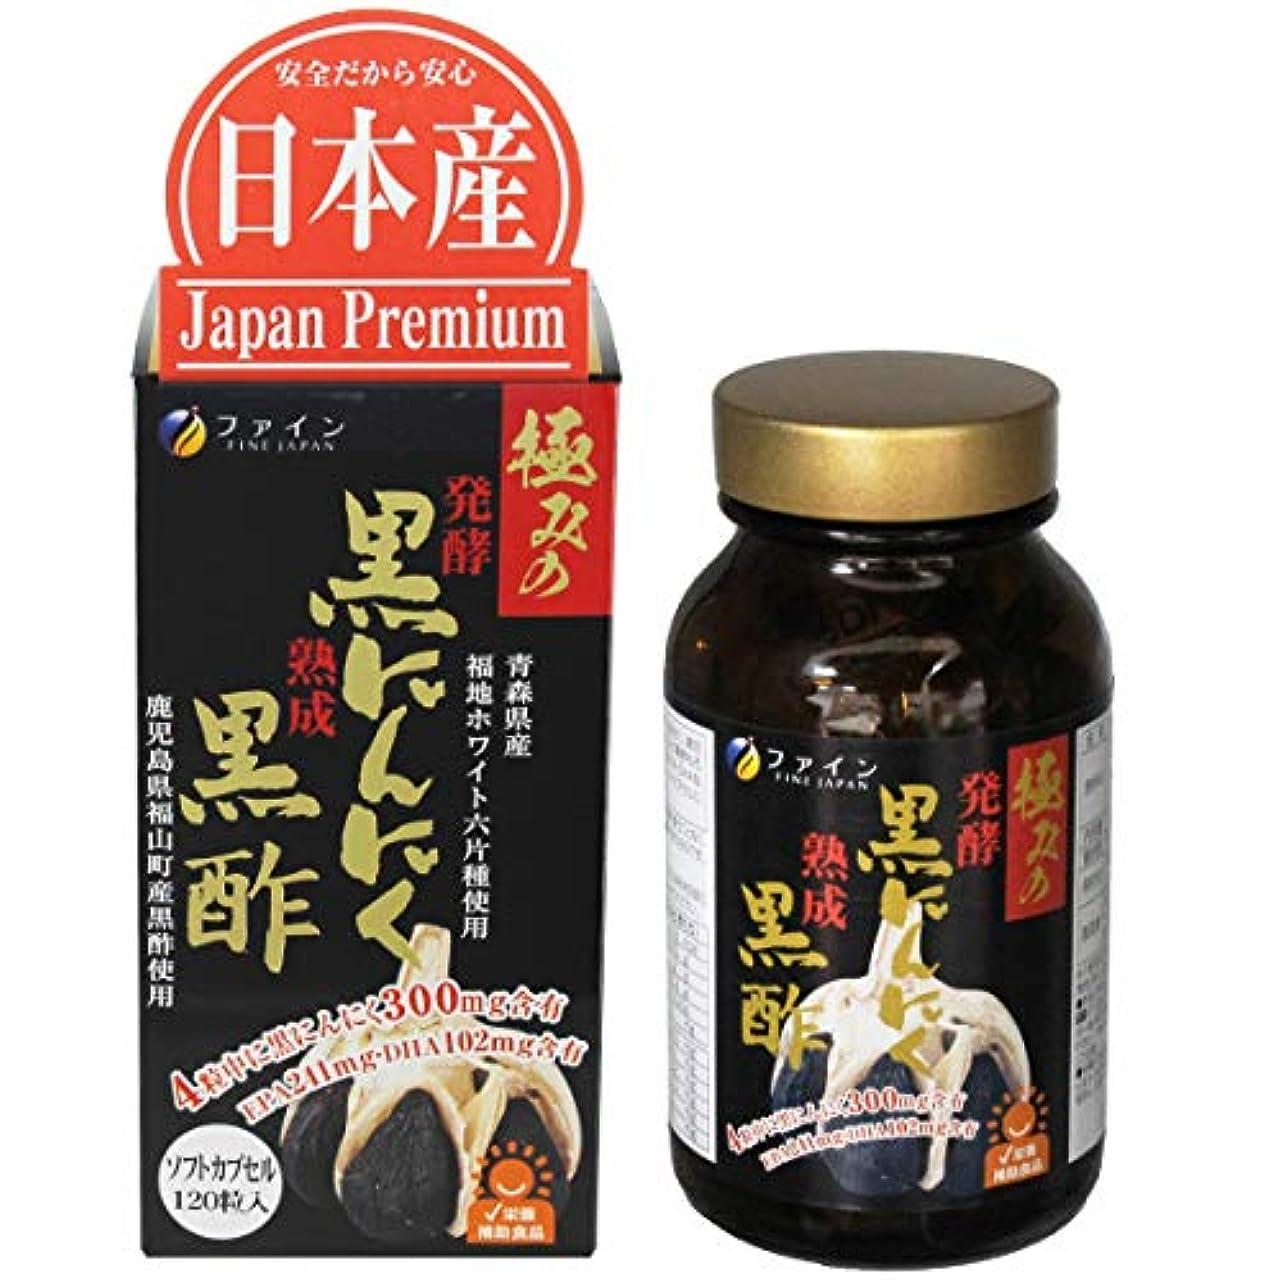 リマ岸バンジョーファイン 極みの発酵黒にんにく黒酢 30日分 120粒入 黒酢もろみ末 EPA DHA 配合